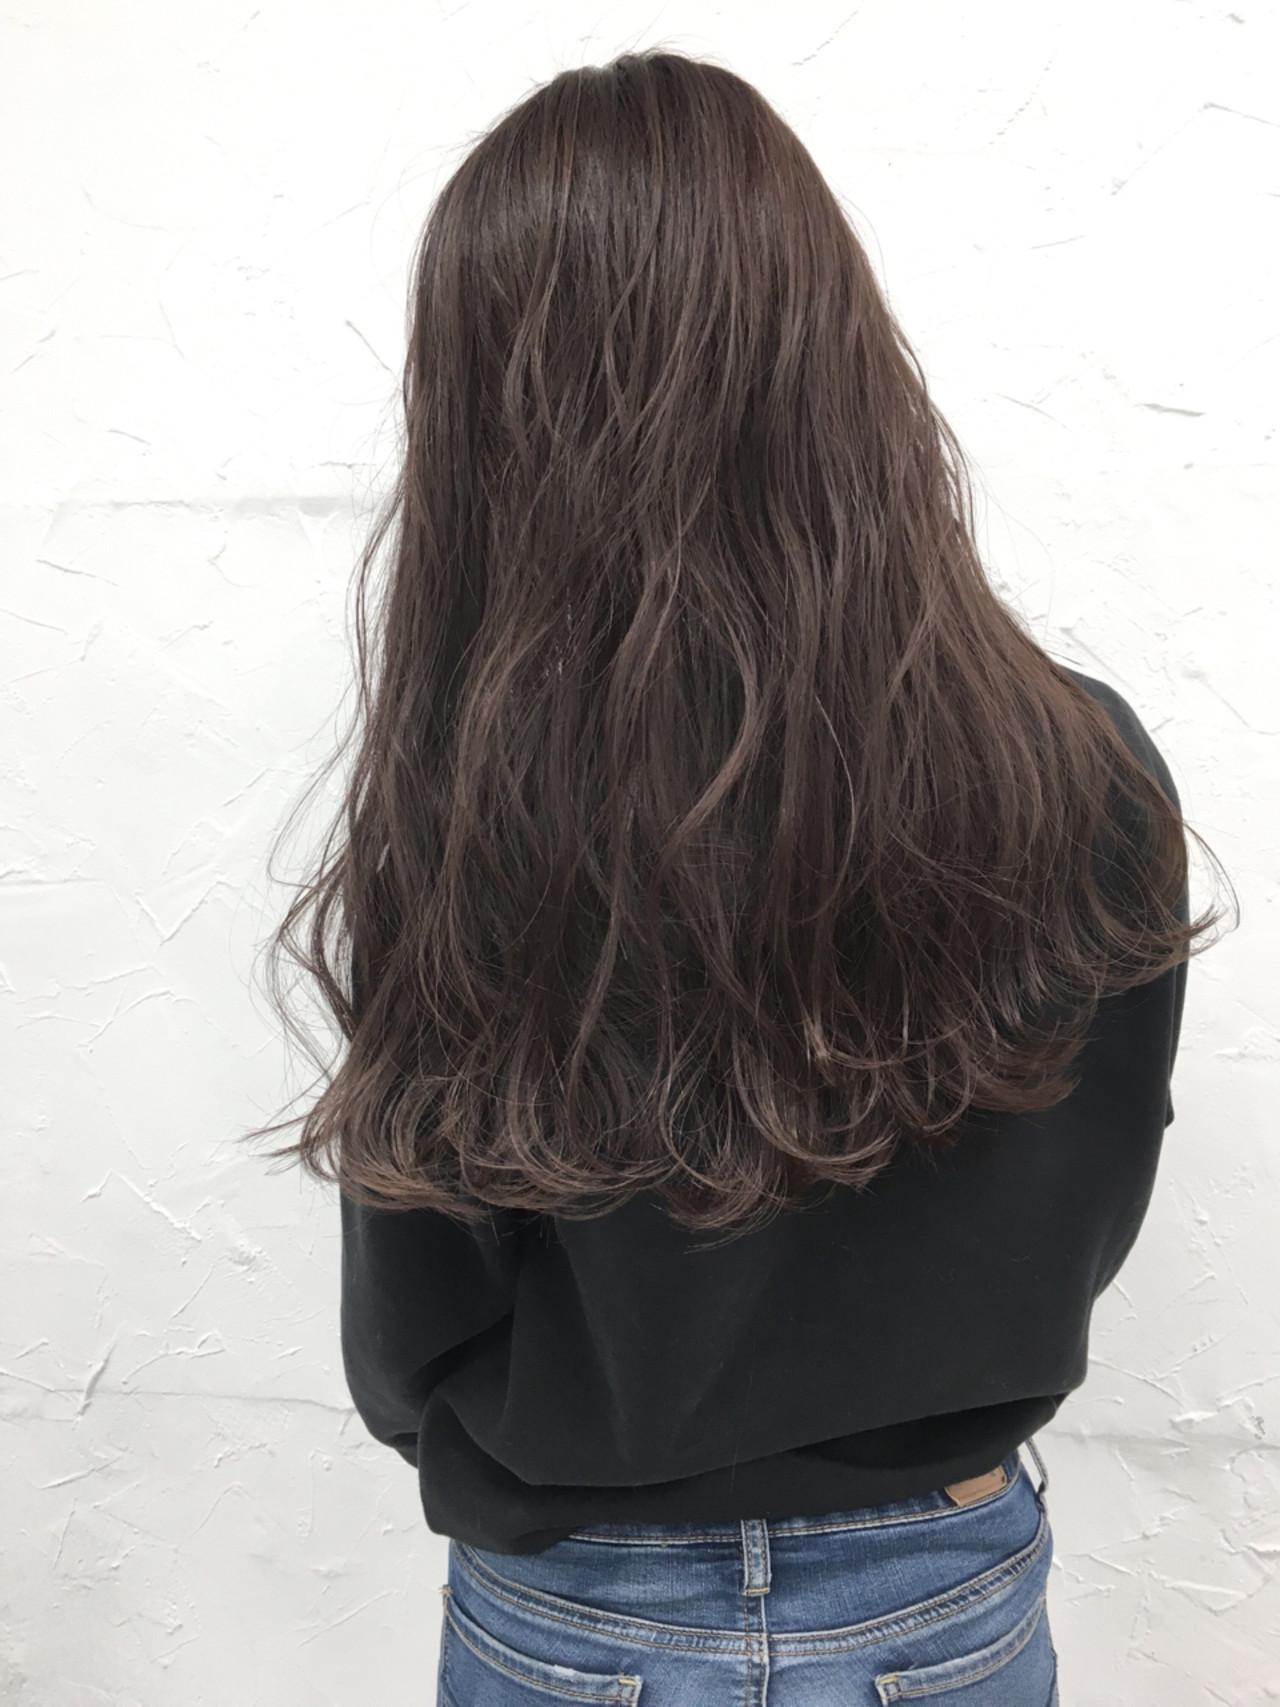 ピンクアッシュ グレージュ ラベンダーアッシュ アンニュイ ヘアスタイルや髪型の写真・画像